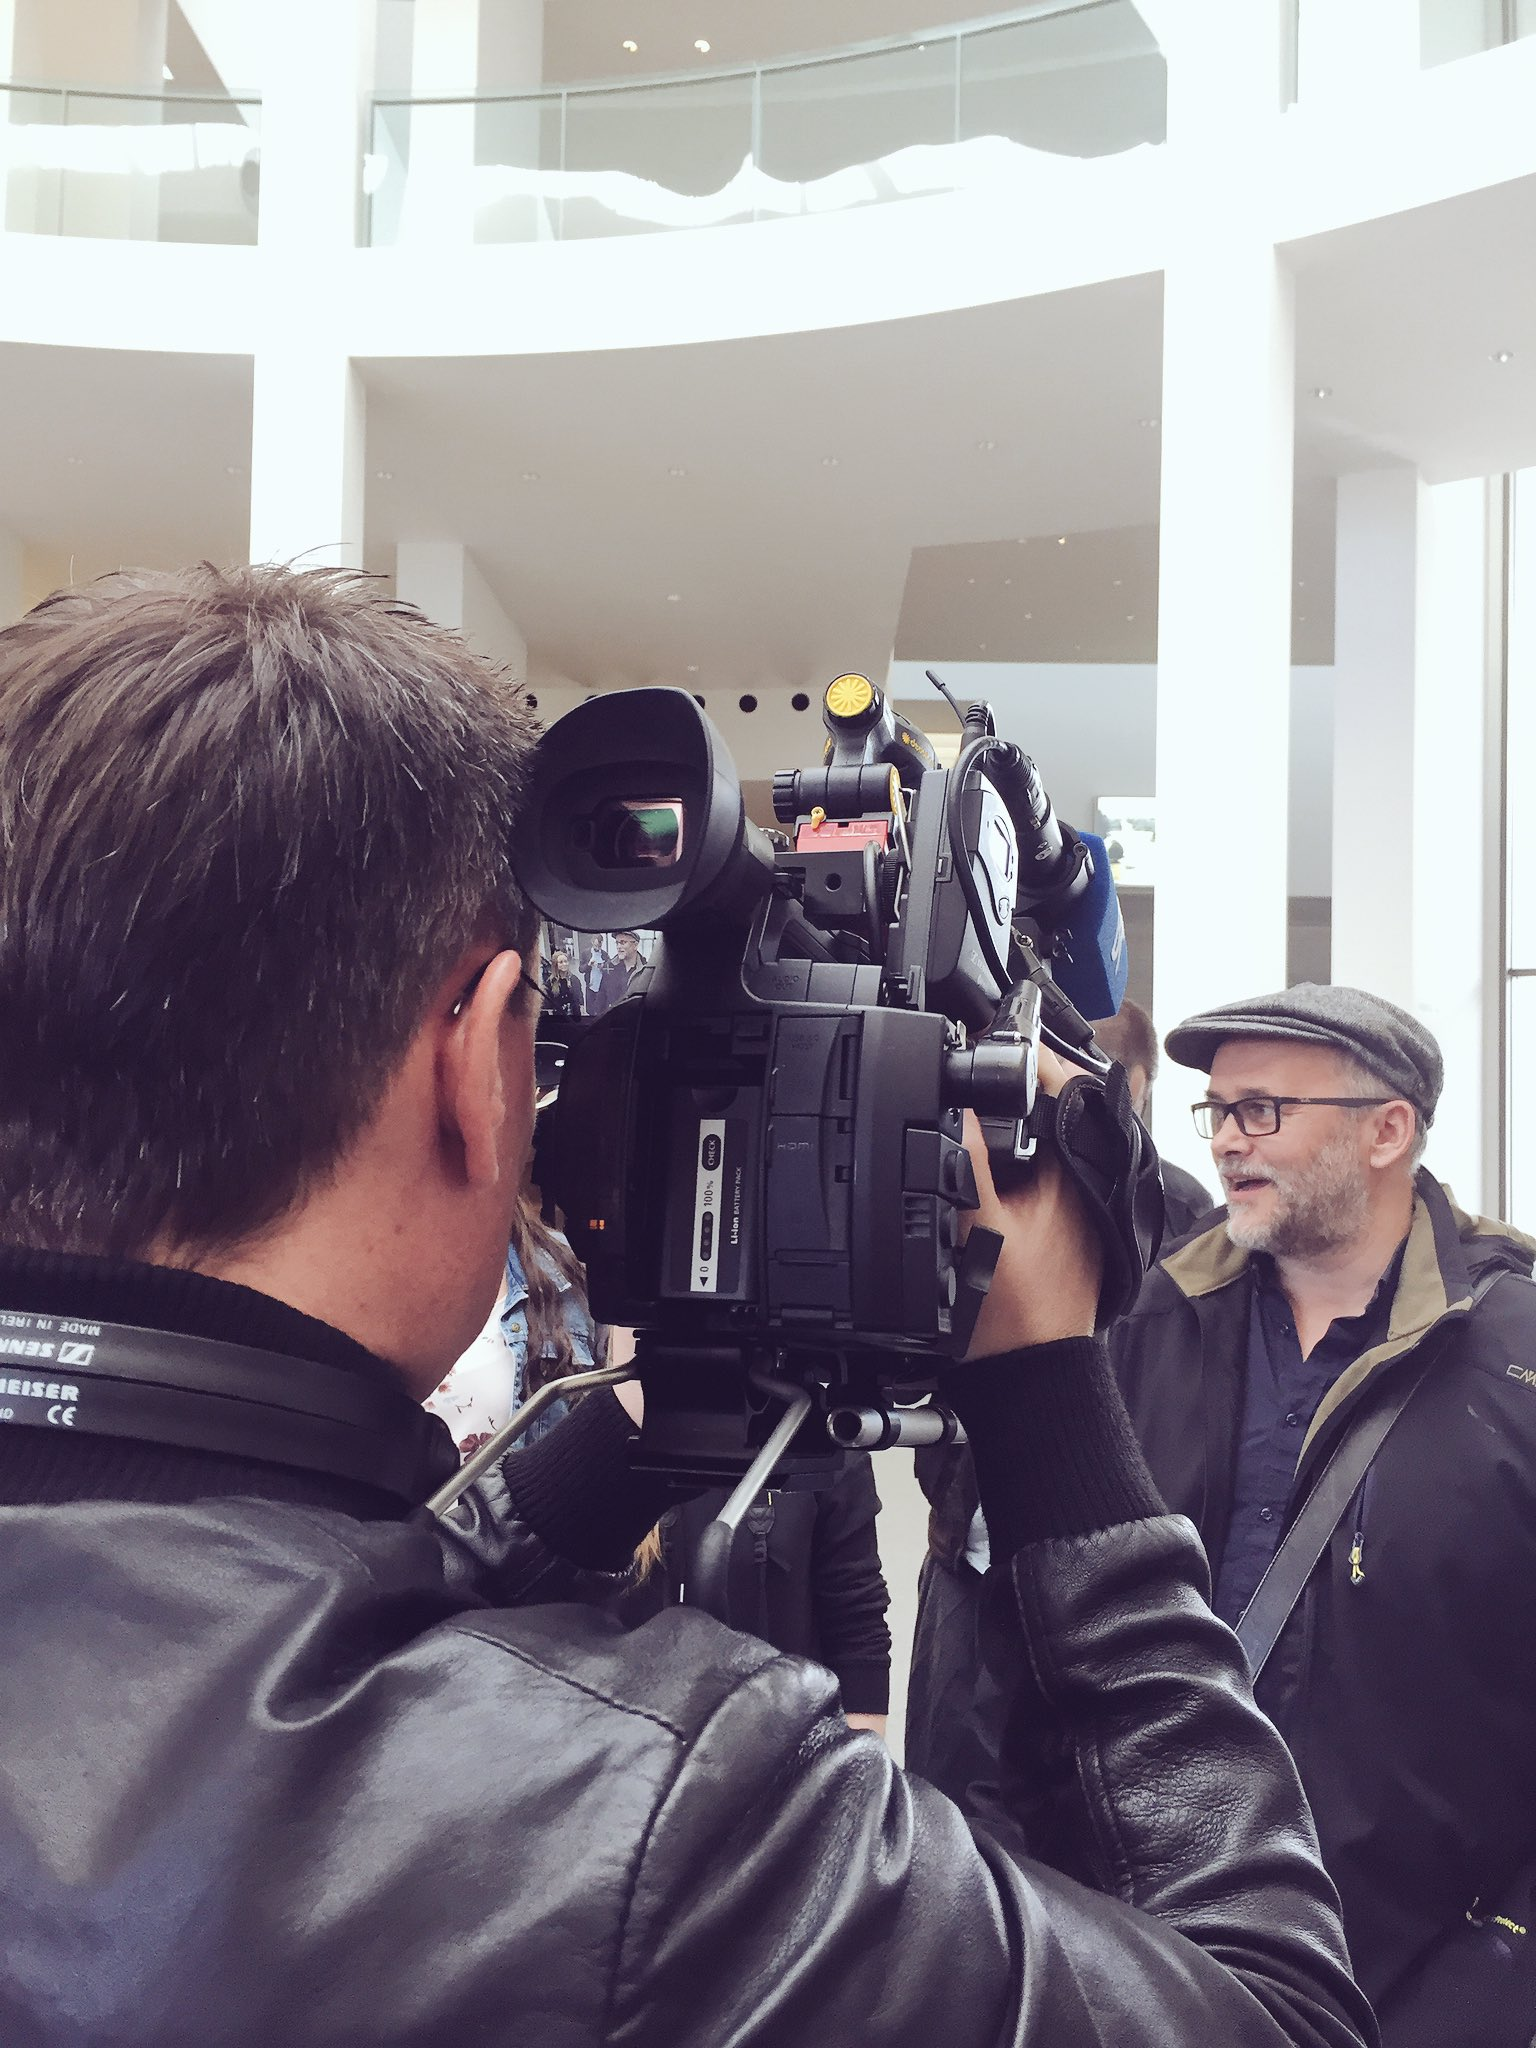 Einschalten: #StadtLandMuc könnt Ihr 18:30 Uhr in der Rundschau des @BR_Oberbayern sehen. Vielen Dank an @veracornette für die Begleitung! https://t.co/aPFshJwZSW